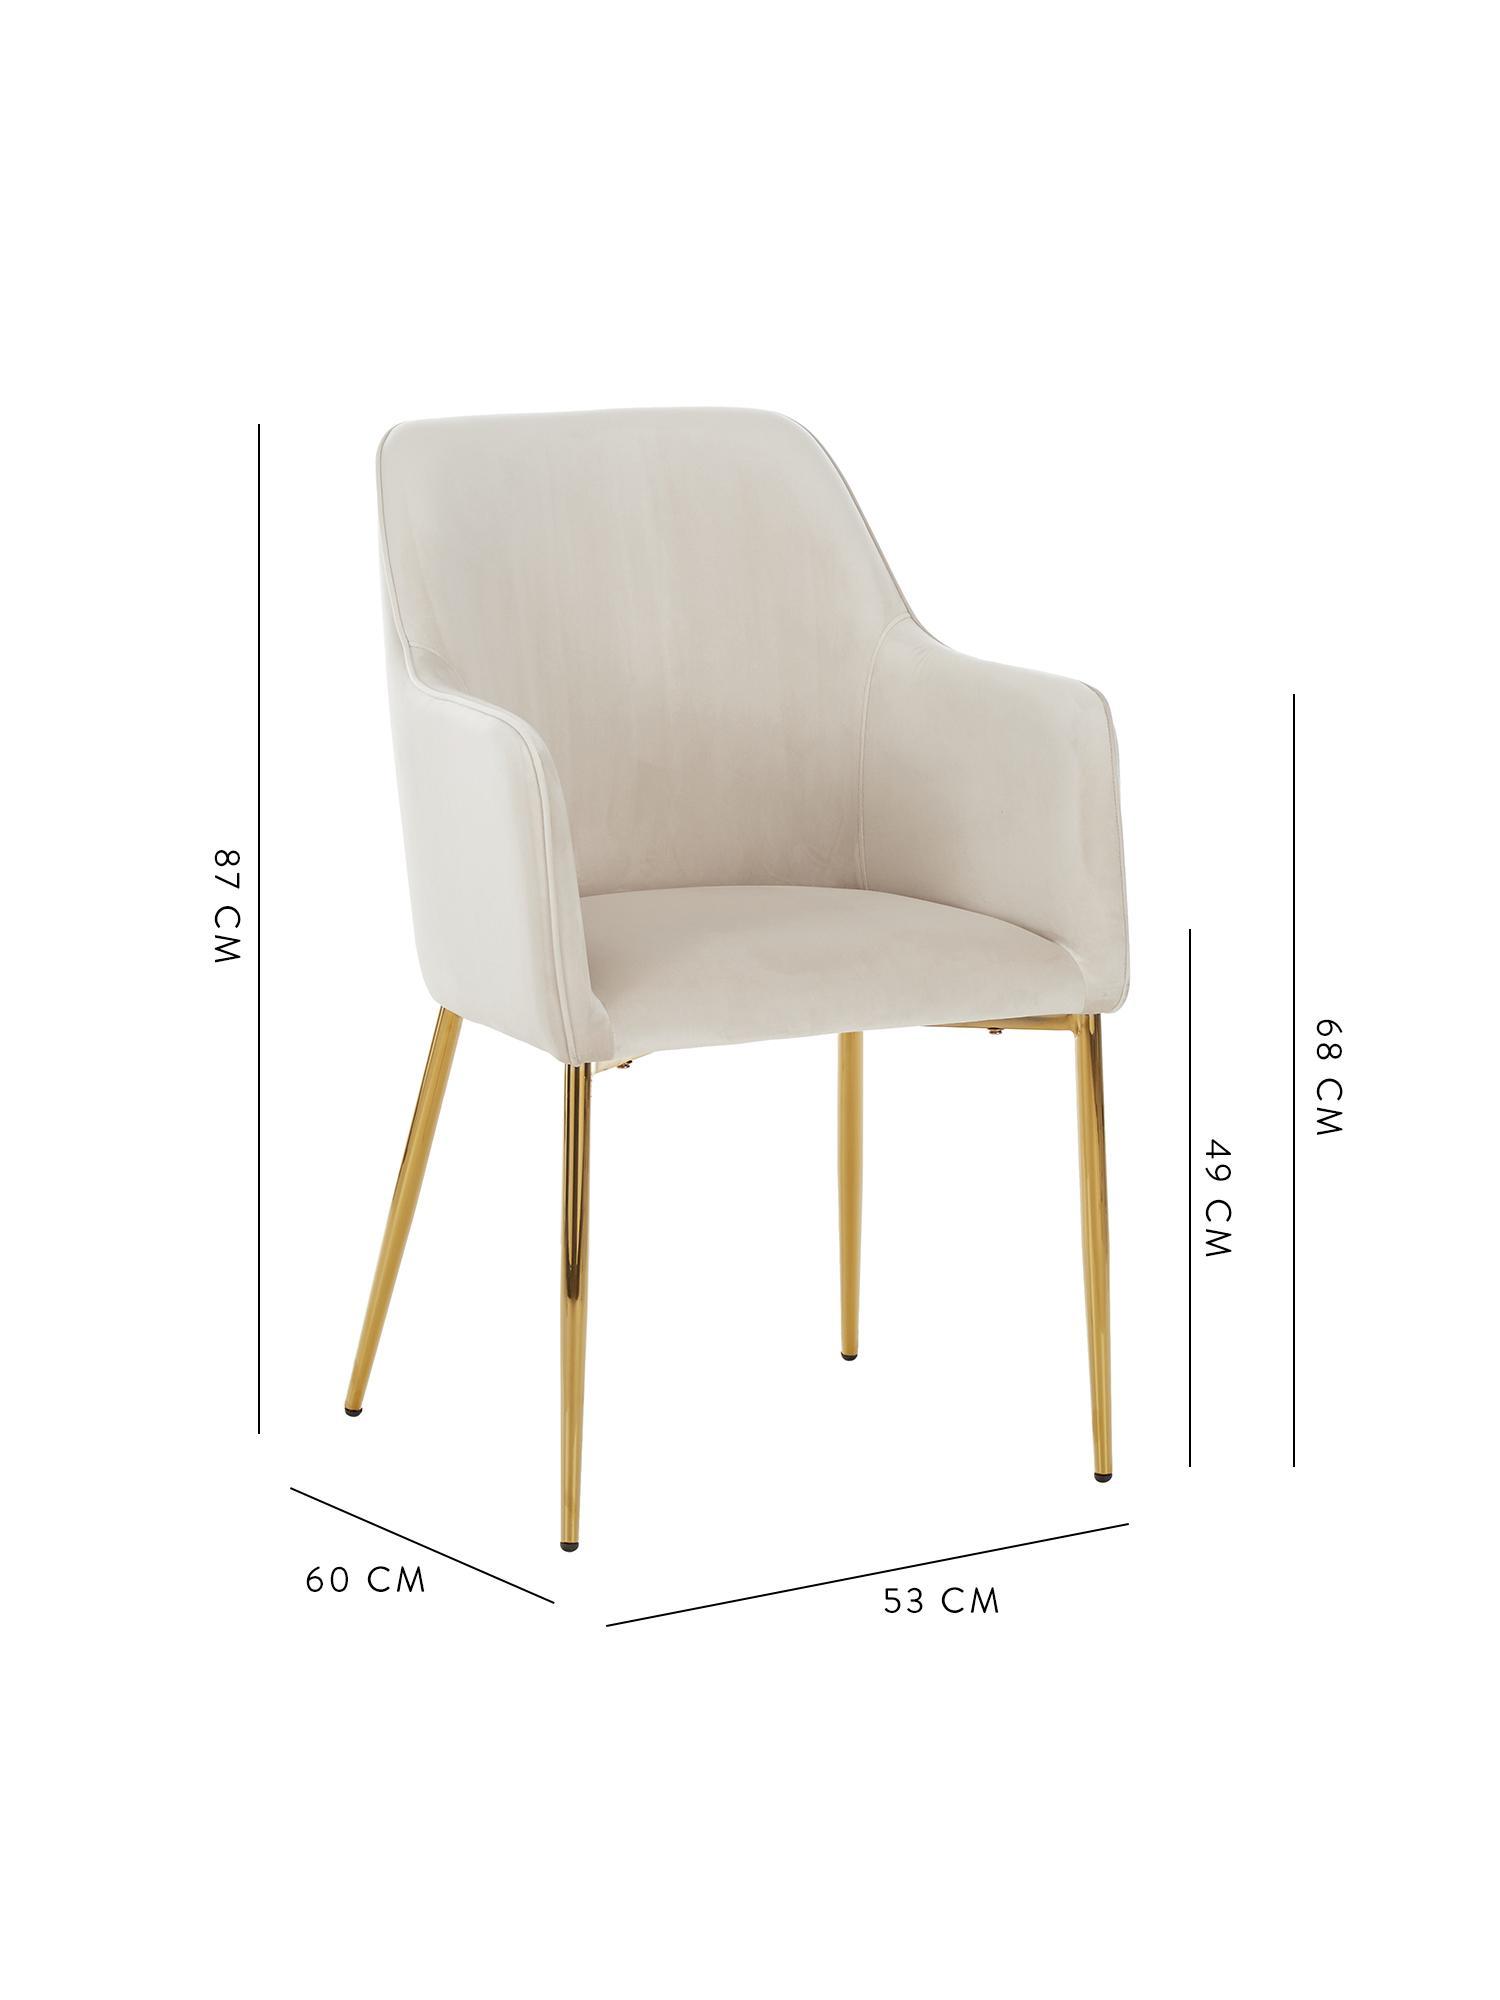 Samt-Armlehnstuhl Ava mit goldfarbenen Beinen, Bezug: Samt (100% Polyester) Der, Beine: Metall, Samt Beige, Beine Gold, B 57 x T 63 cm